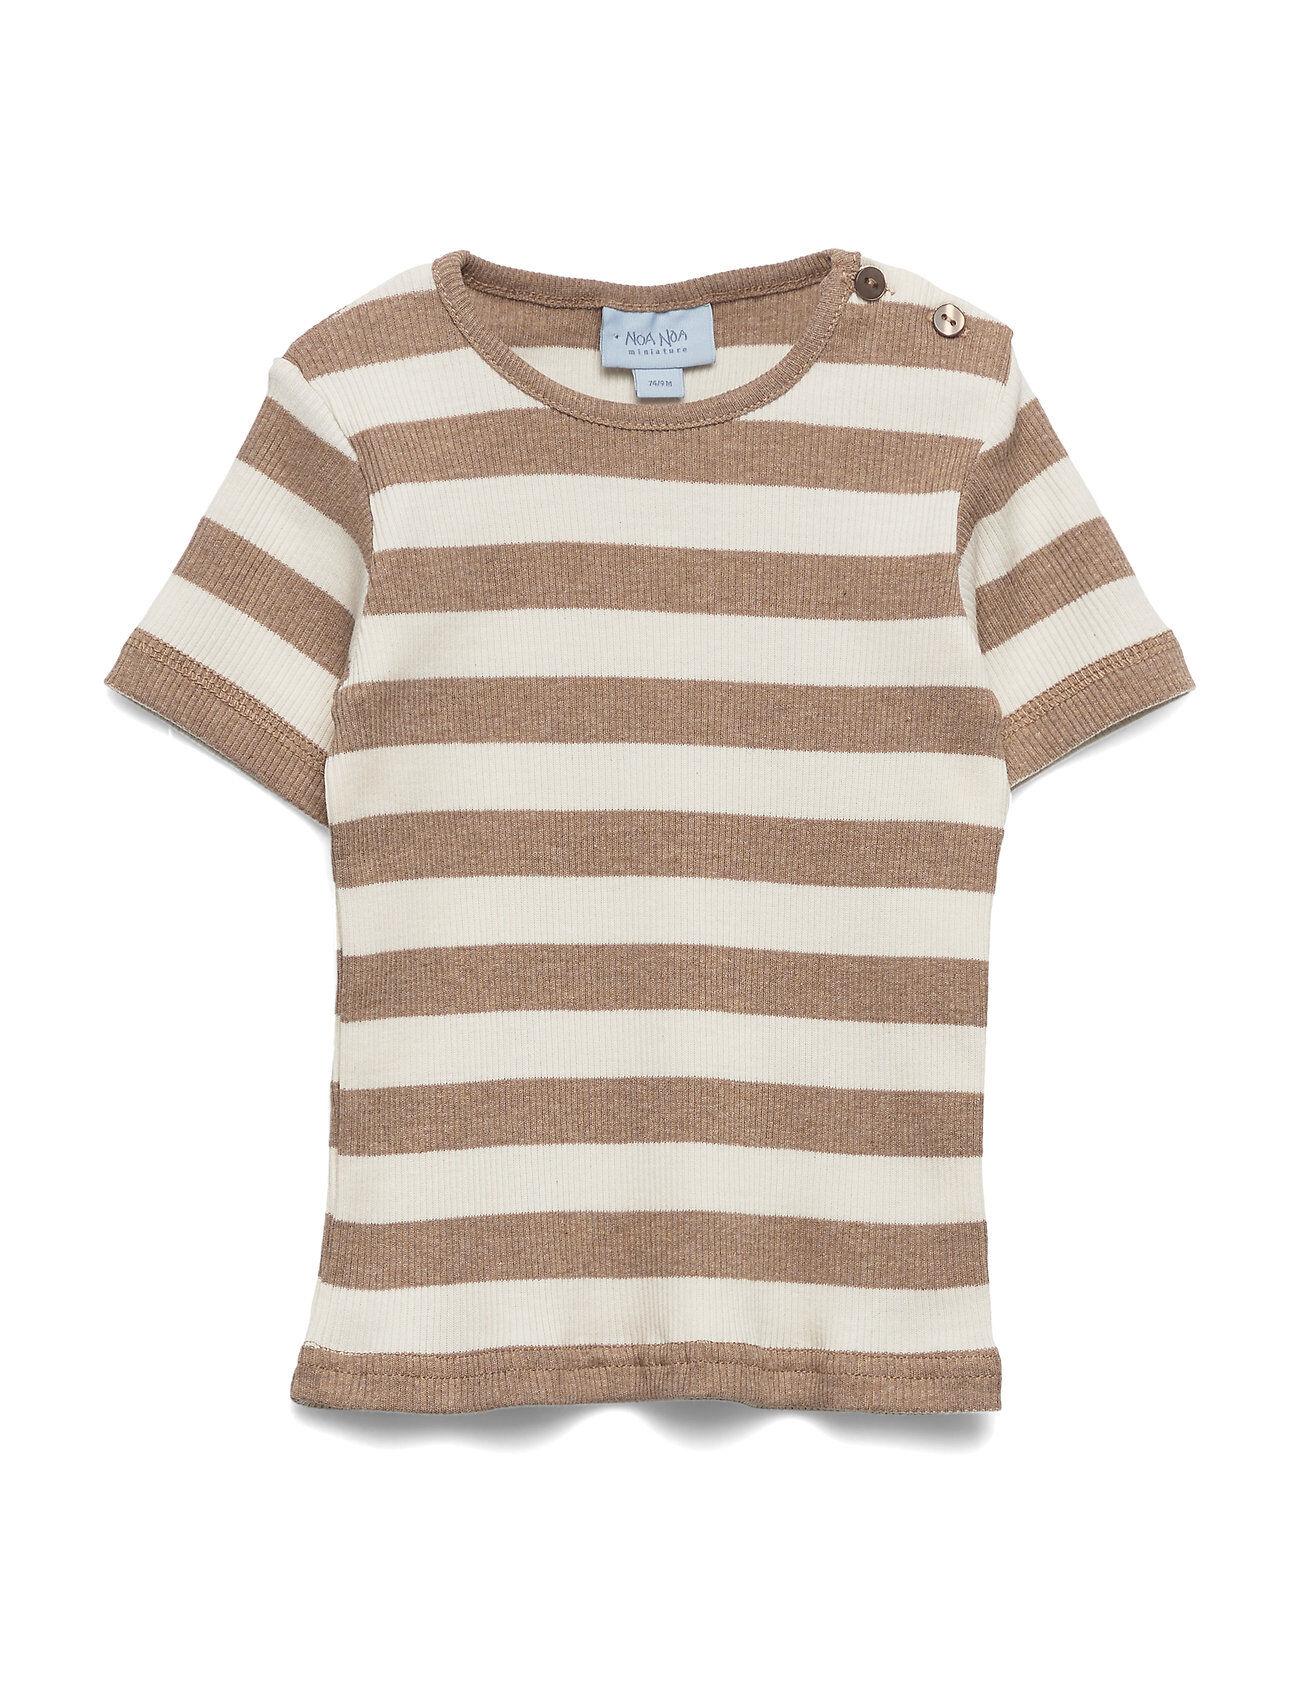 Noa Noa Miniature T-Shirt T-shirts Short-sleeved Ruskea Noa Noa Miniature